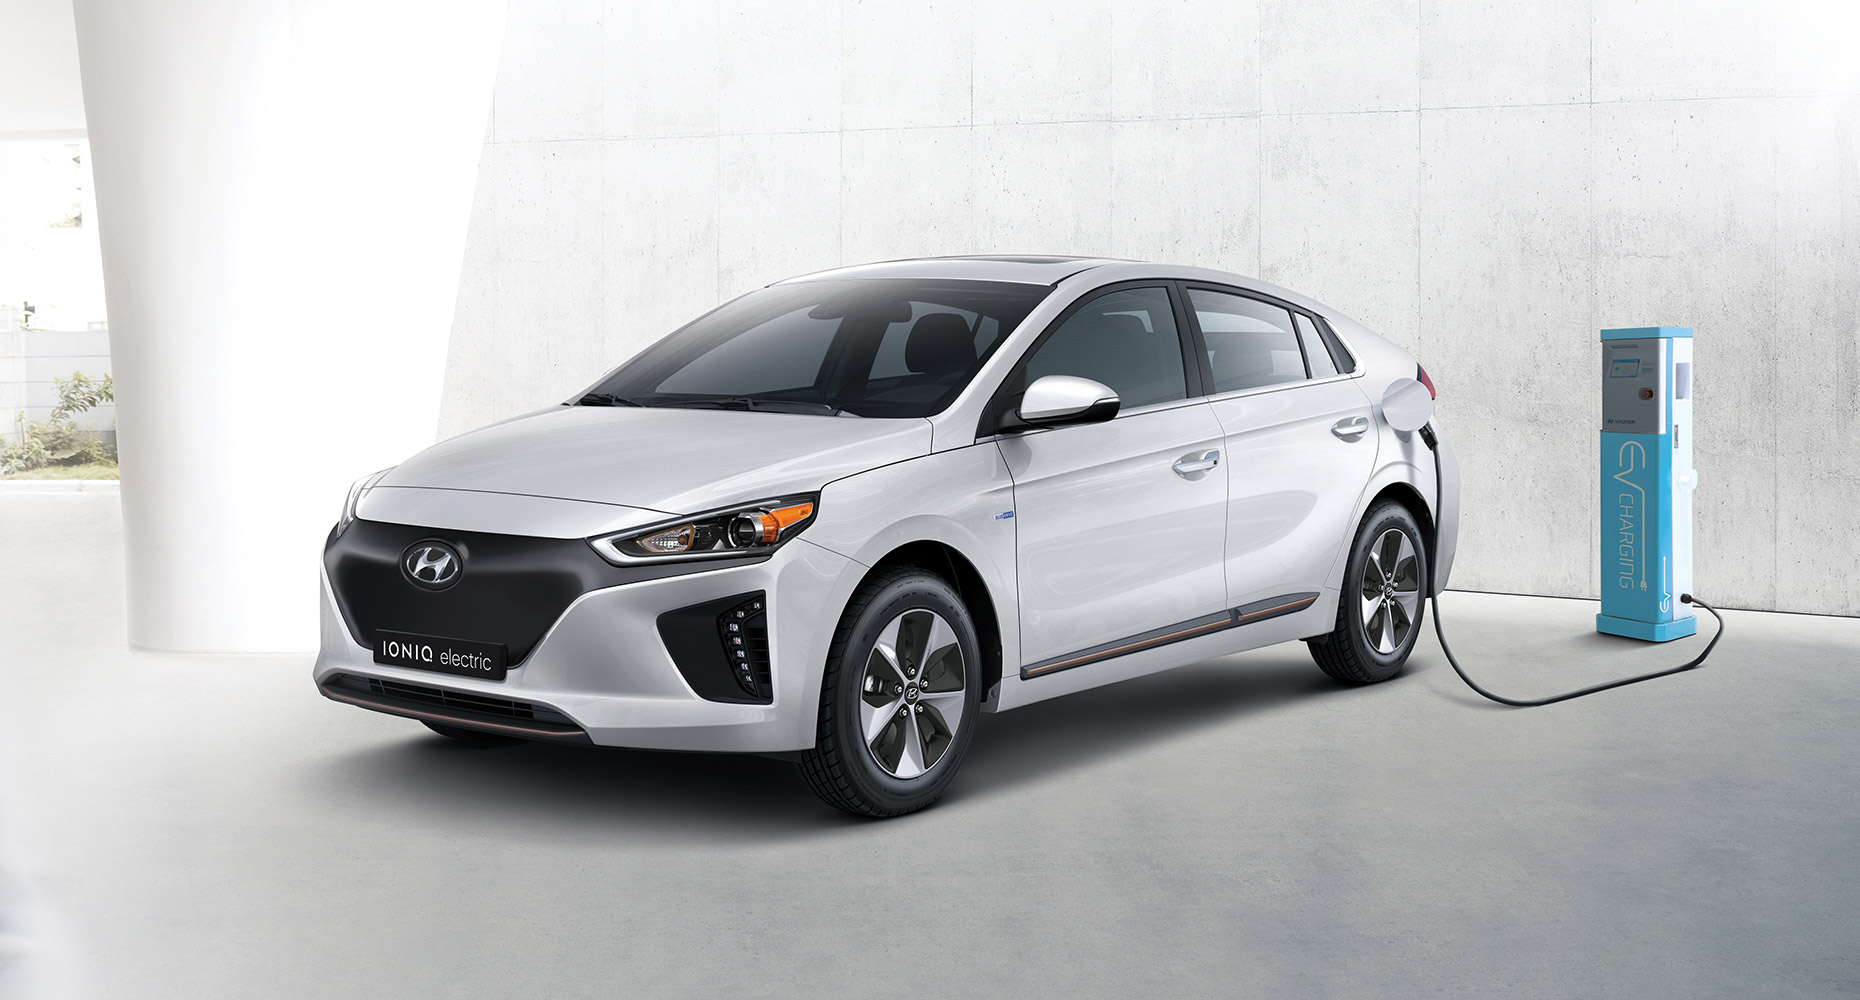 hyundai-ioniq electrical car